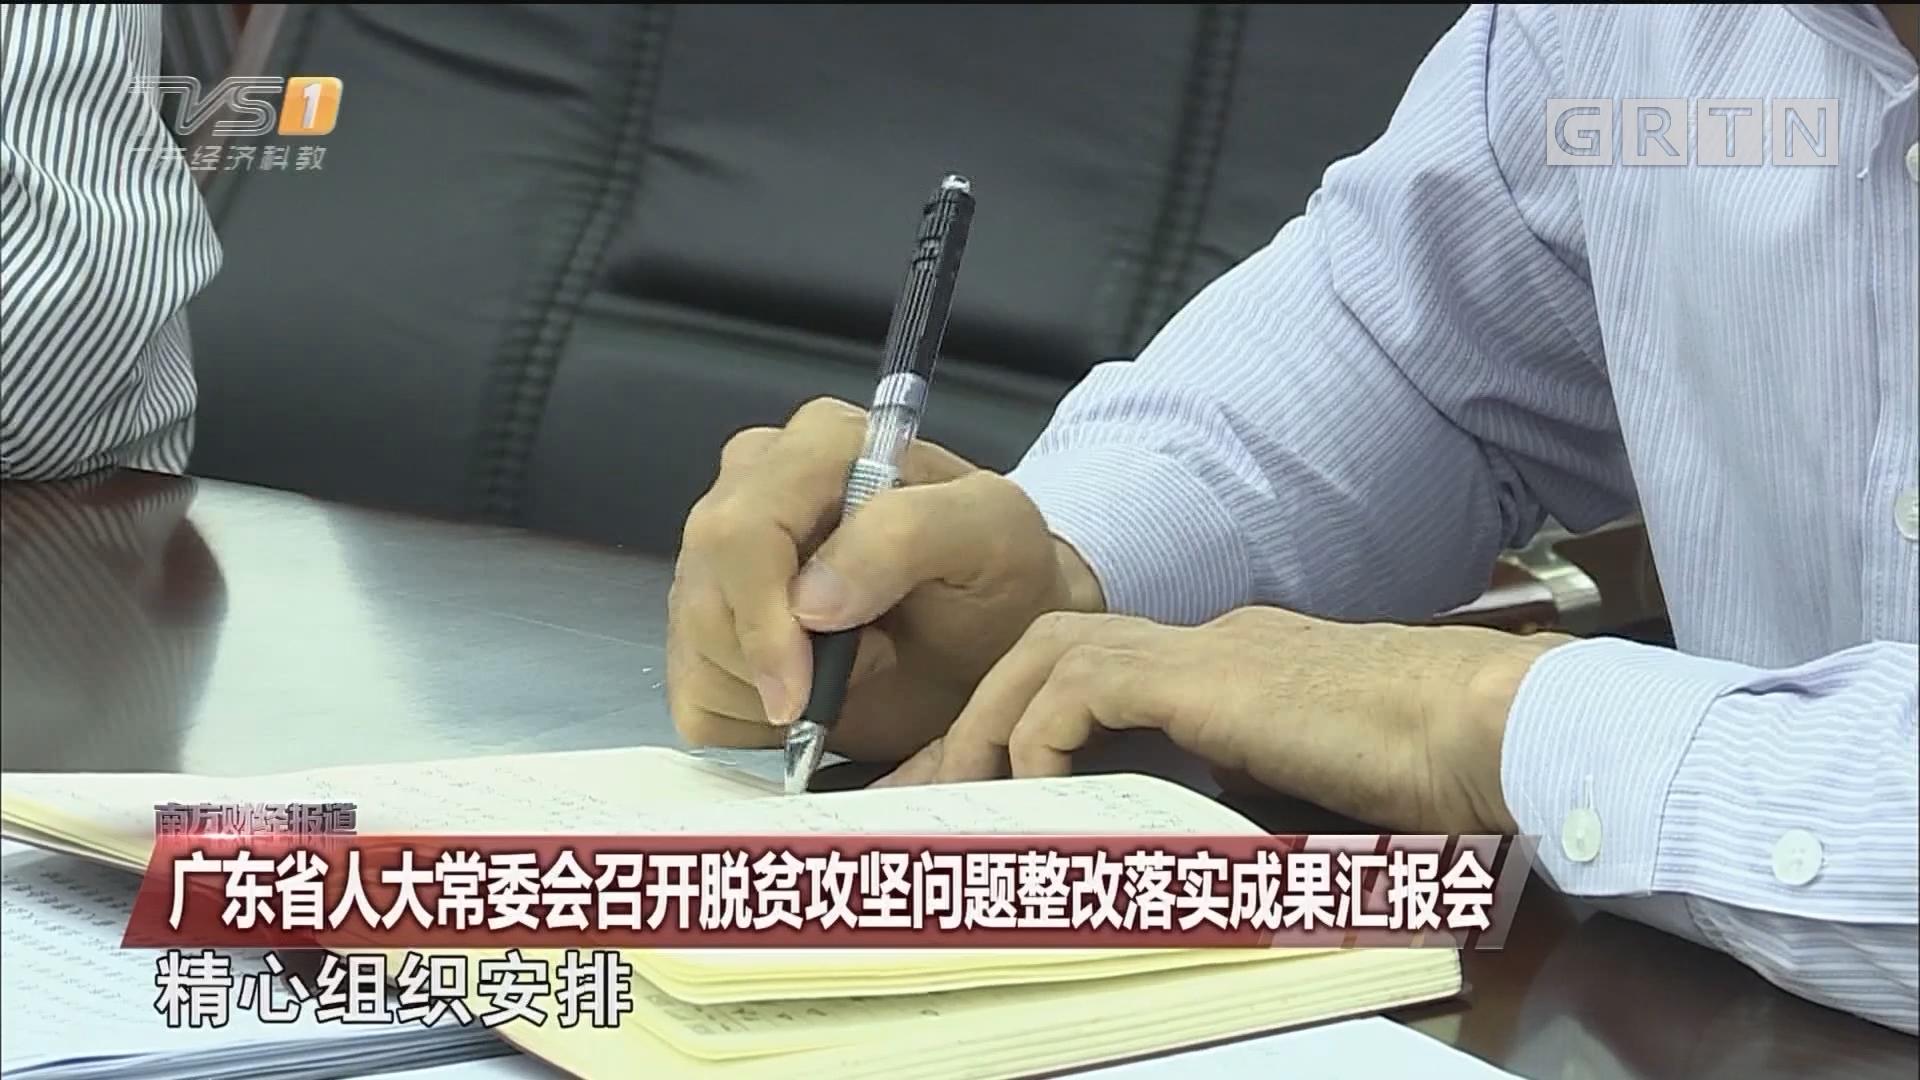 廣東省人大常委會召開脫貧攻堅問題整改落實成果匯報會